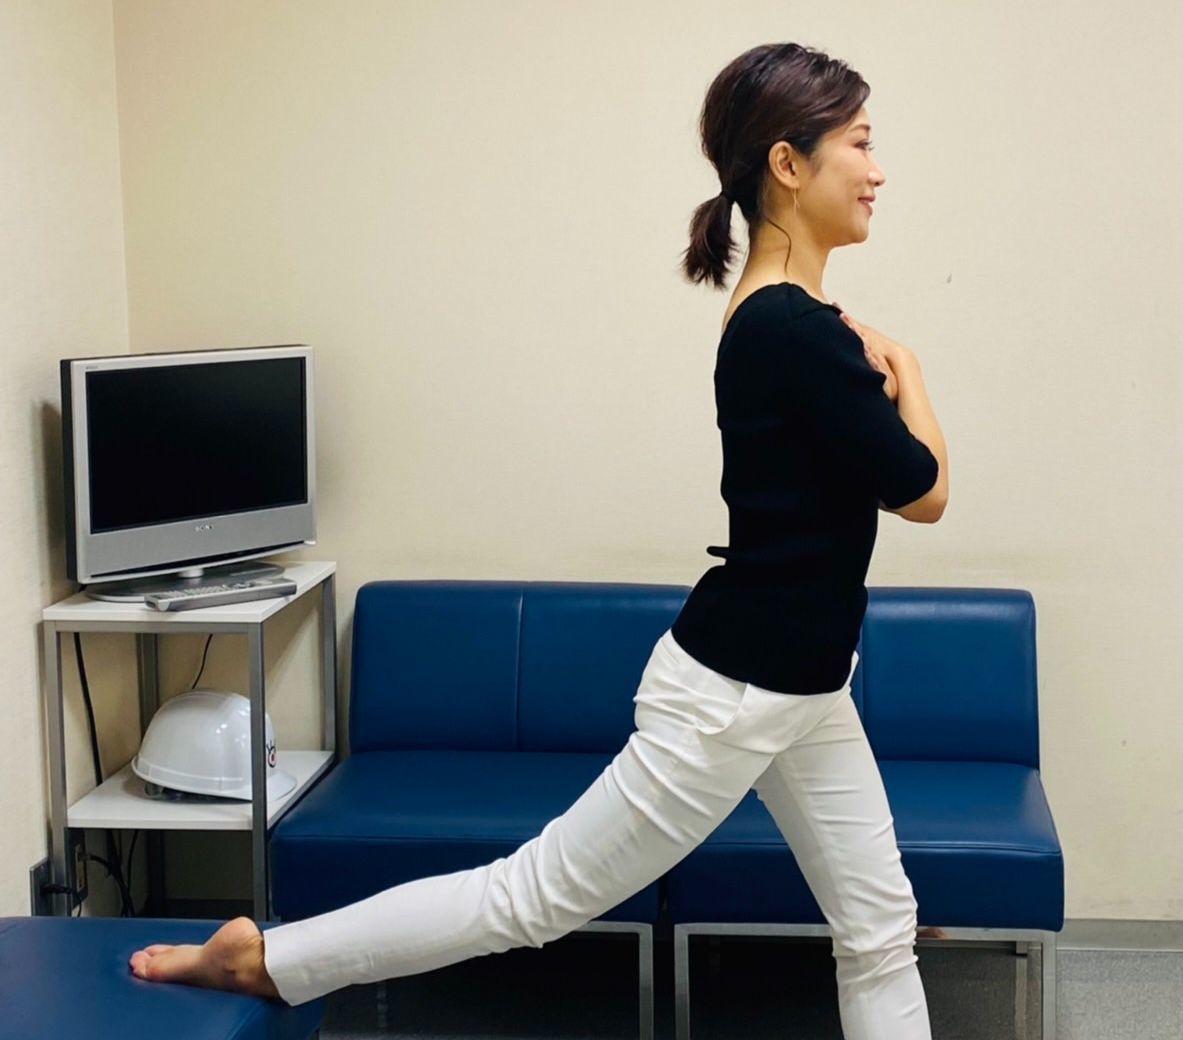 スキニーが似合う脚になりたい…。簡単なのに超効く!下半身トレーニング